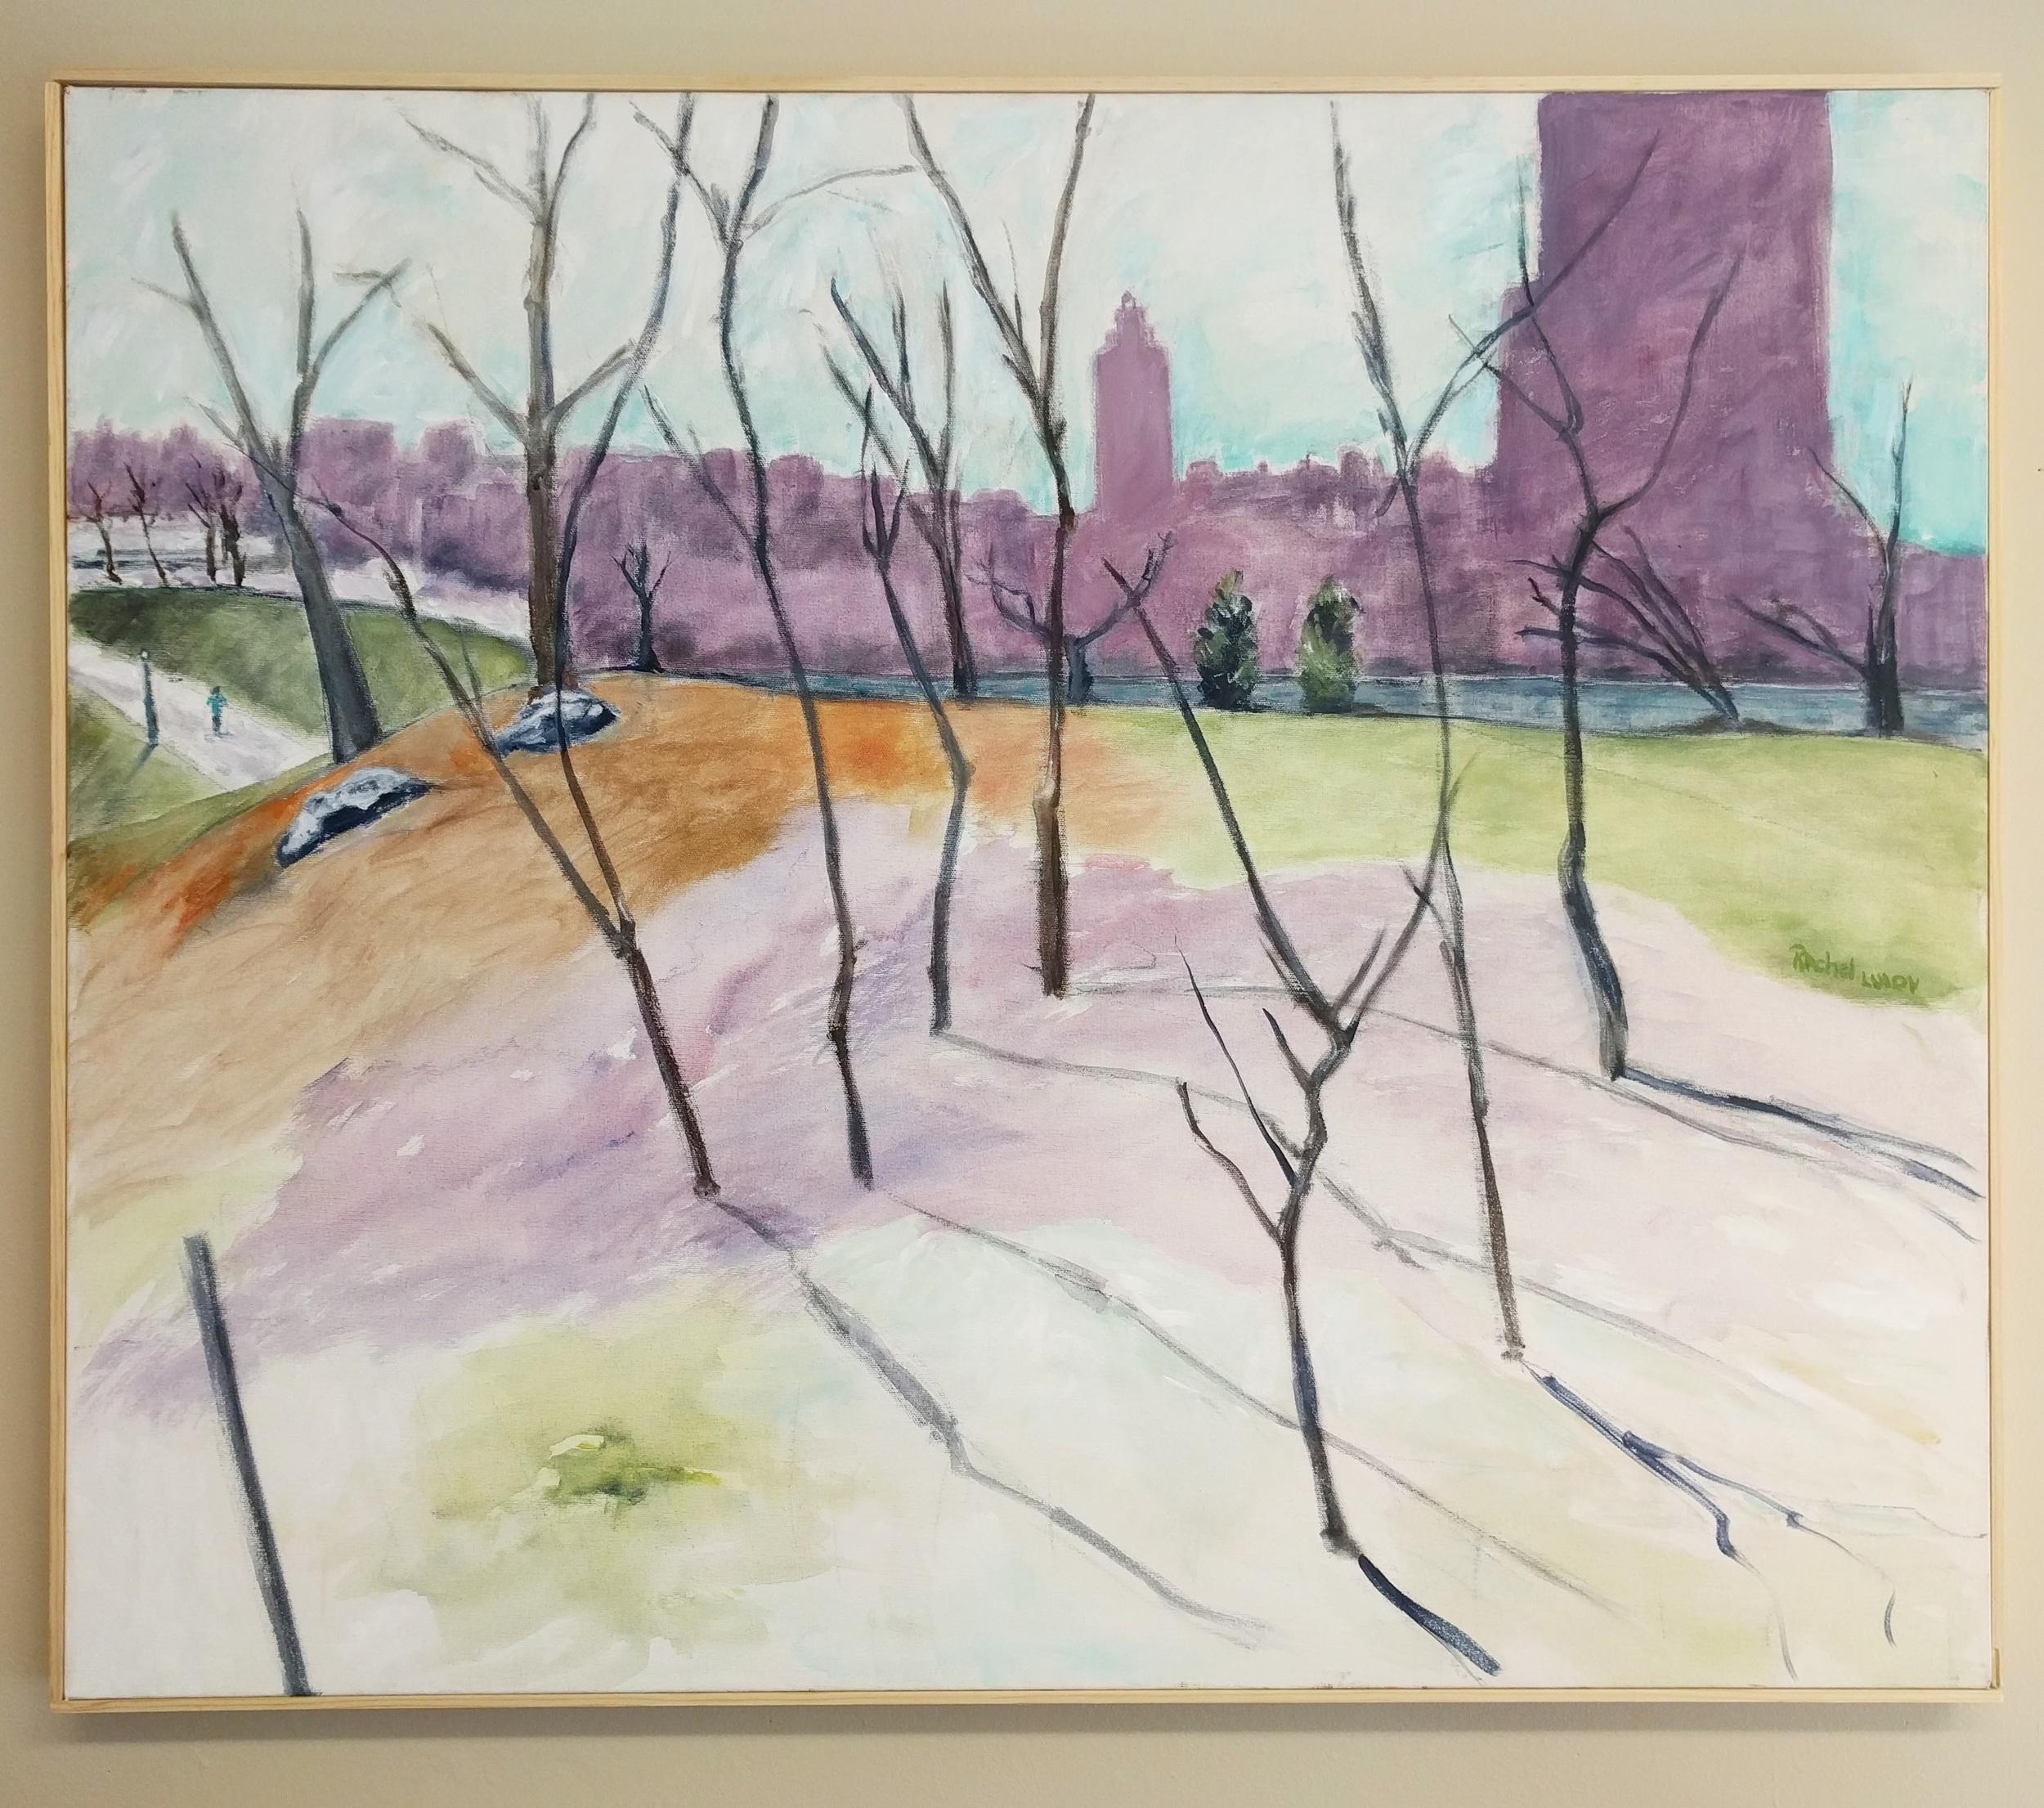 """Rachel Lulov Segall """"Central Park Shadows"""" 2016 acrylic on canvas, 30 x 36 in."""